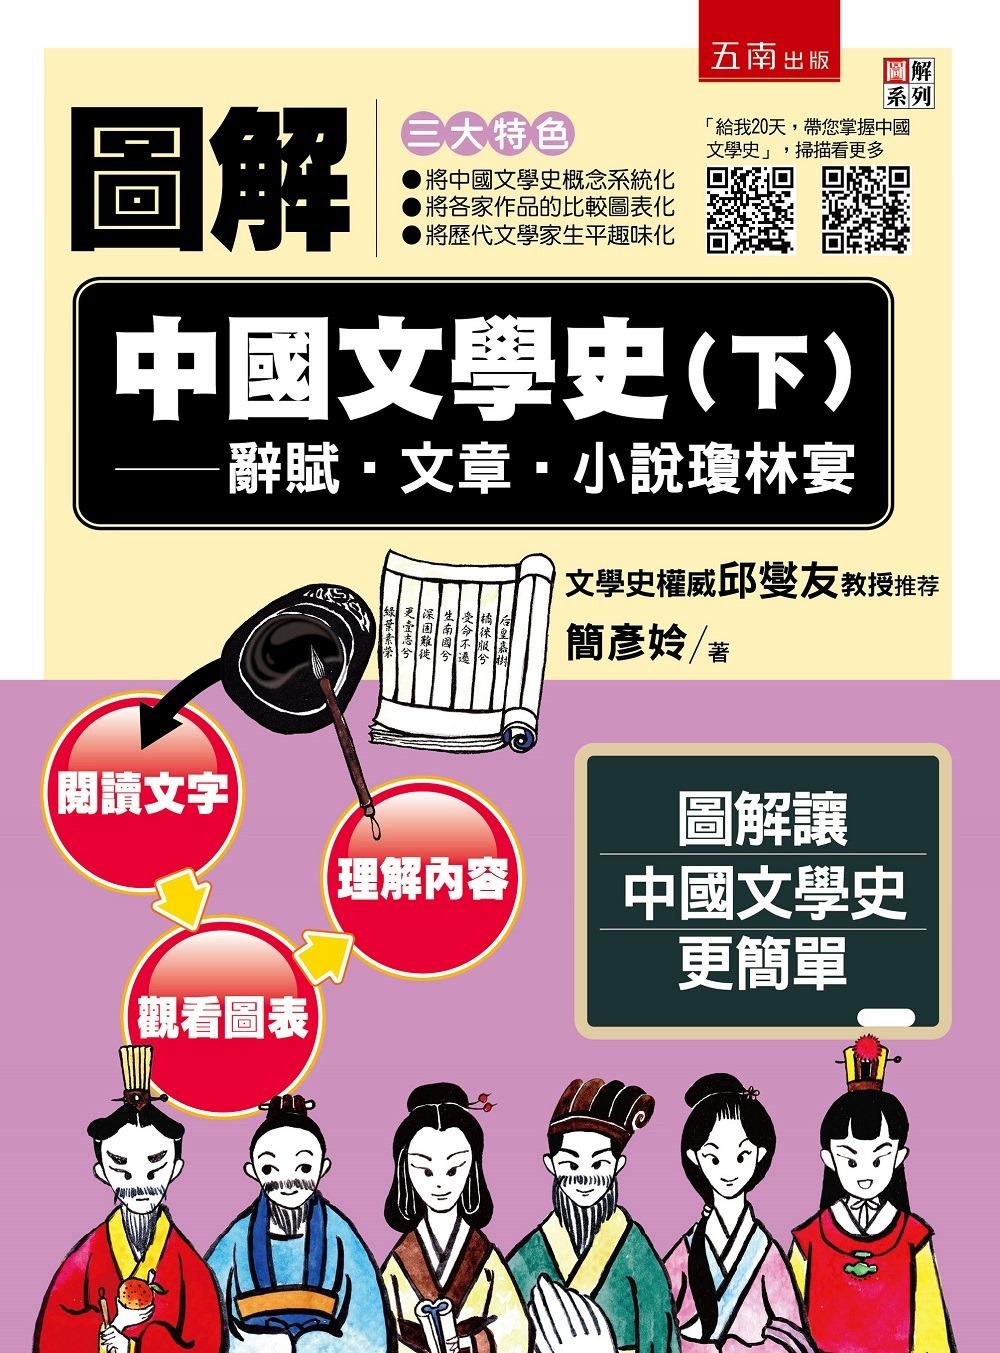 ◤博客來BOOKS◢ 暢銷書榜《推薦》圖解中國文學史(下):辭賦‧文章‧小說瓊林宴【附「給我20天,帶您掌握中國文學史」QR Code】